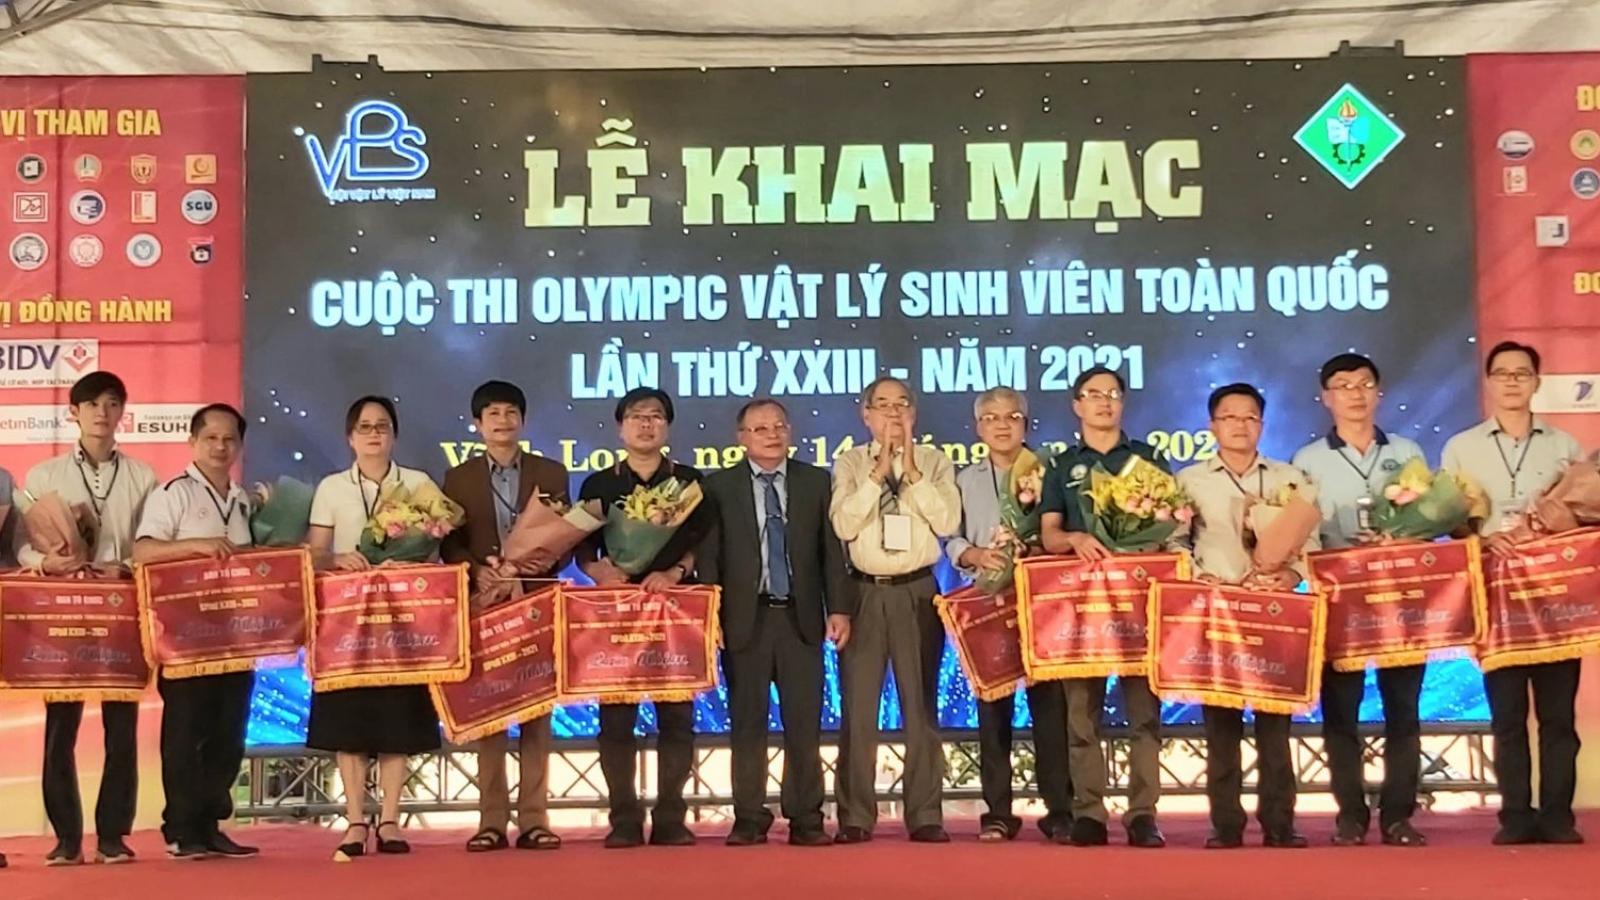 Khai mạc cuộc thi Olympic Vật lý sinh viên toàn quốc lần thứ 23